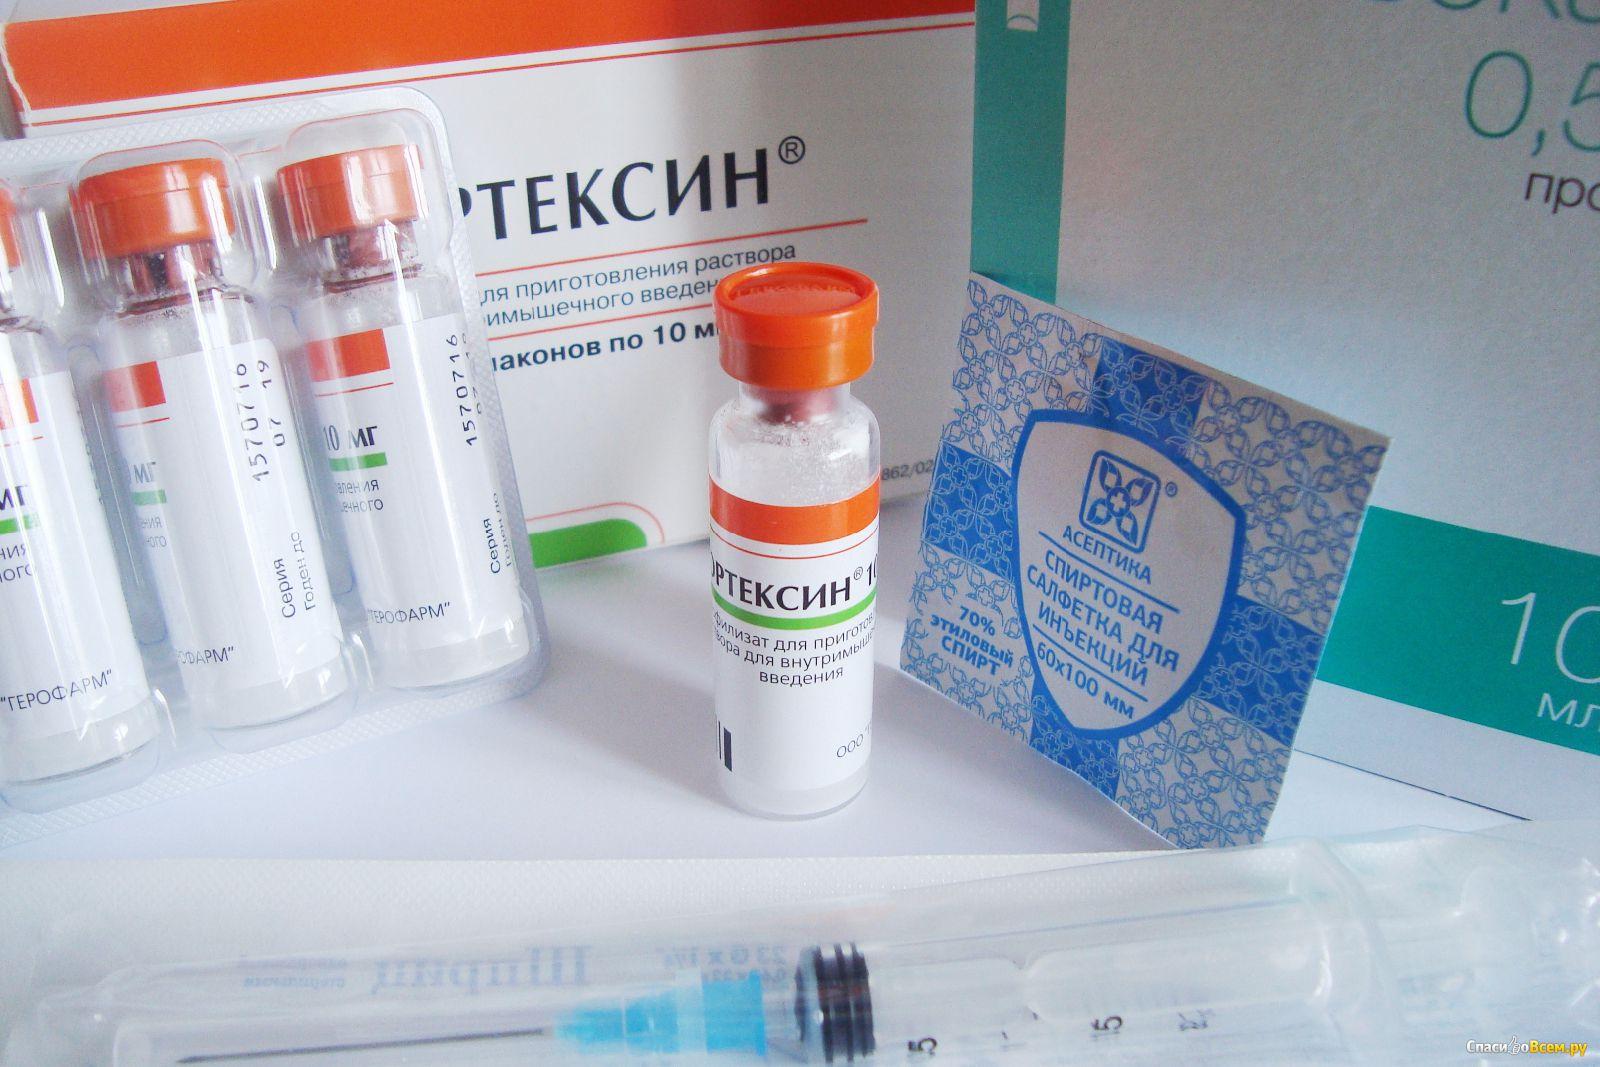 Опрос про КОРТЕКСИН - как дети переносят кортексин - Конференции 7я.ру 5